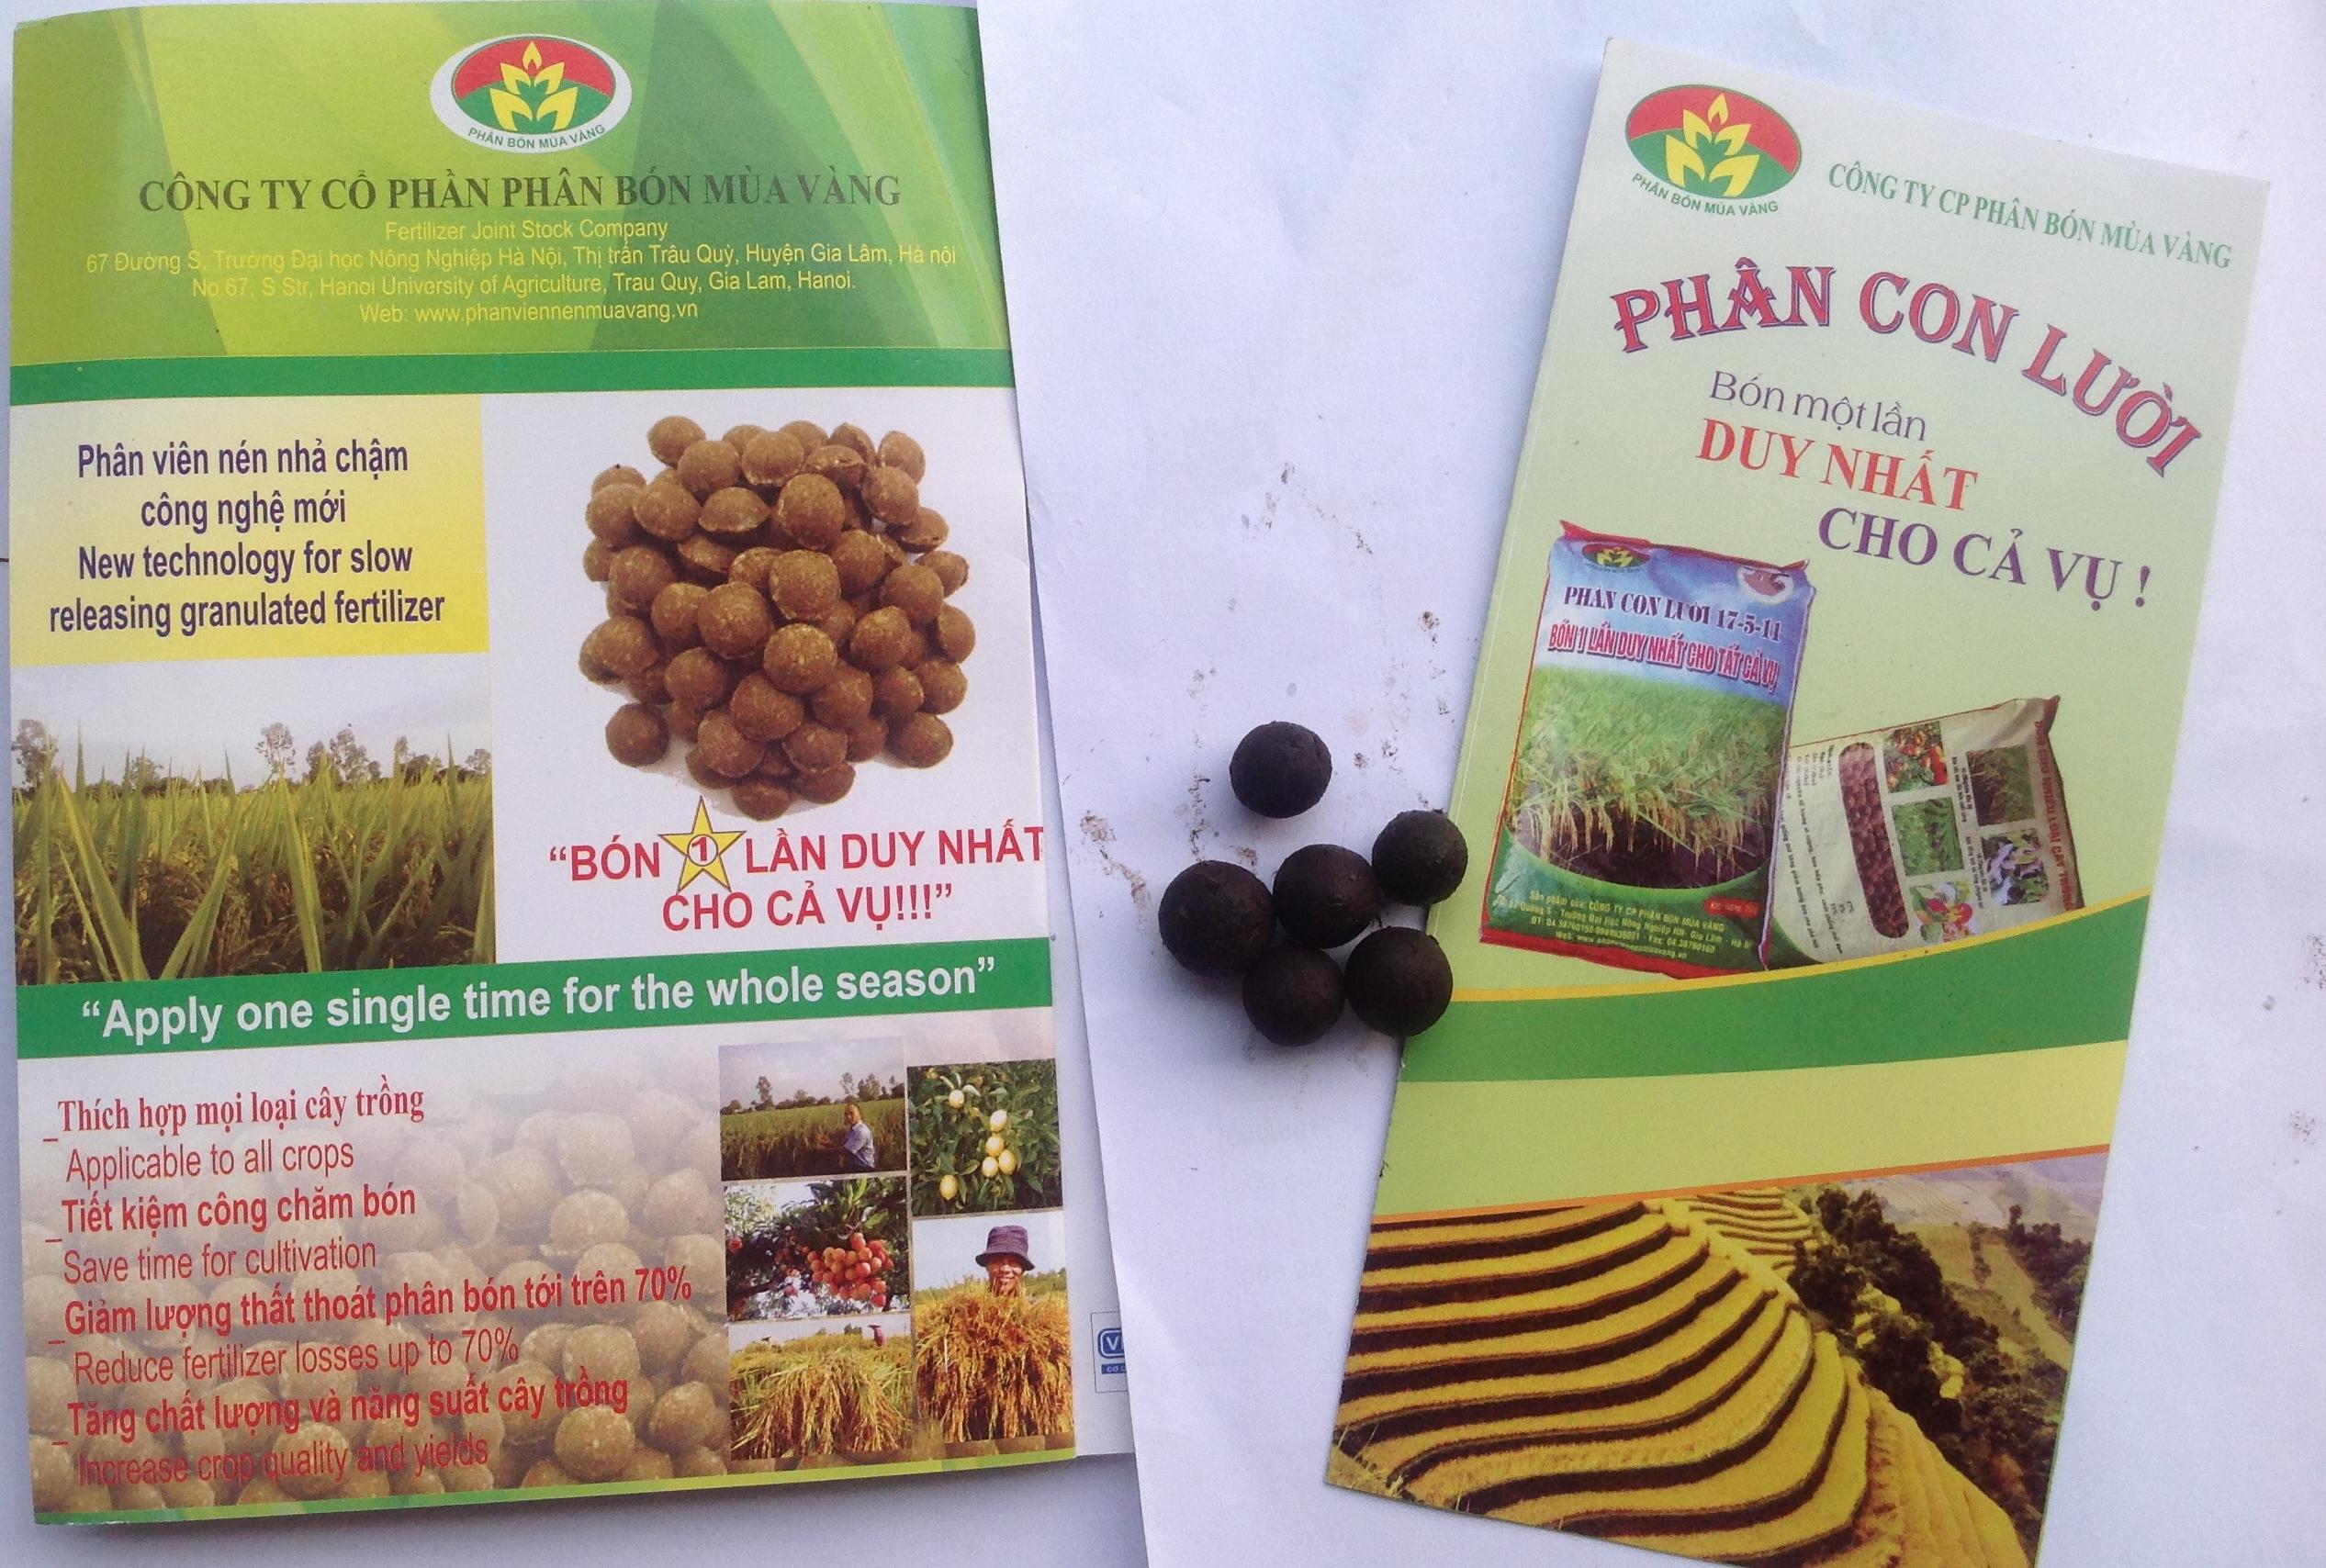 Sản phẩm phân nén Hữu cơ+ Vi lượng, với nhiều thành phần giúp cây trồng phát triển tốt, năng suất cao